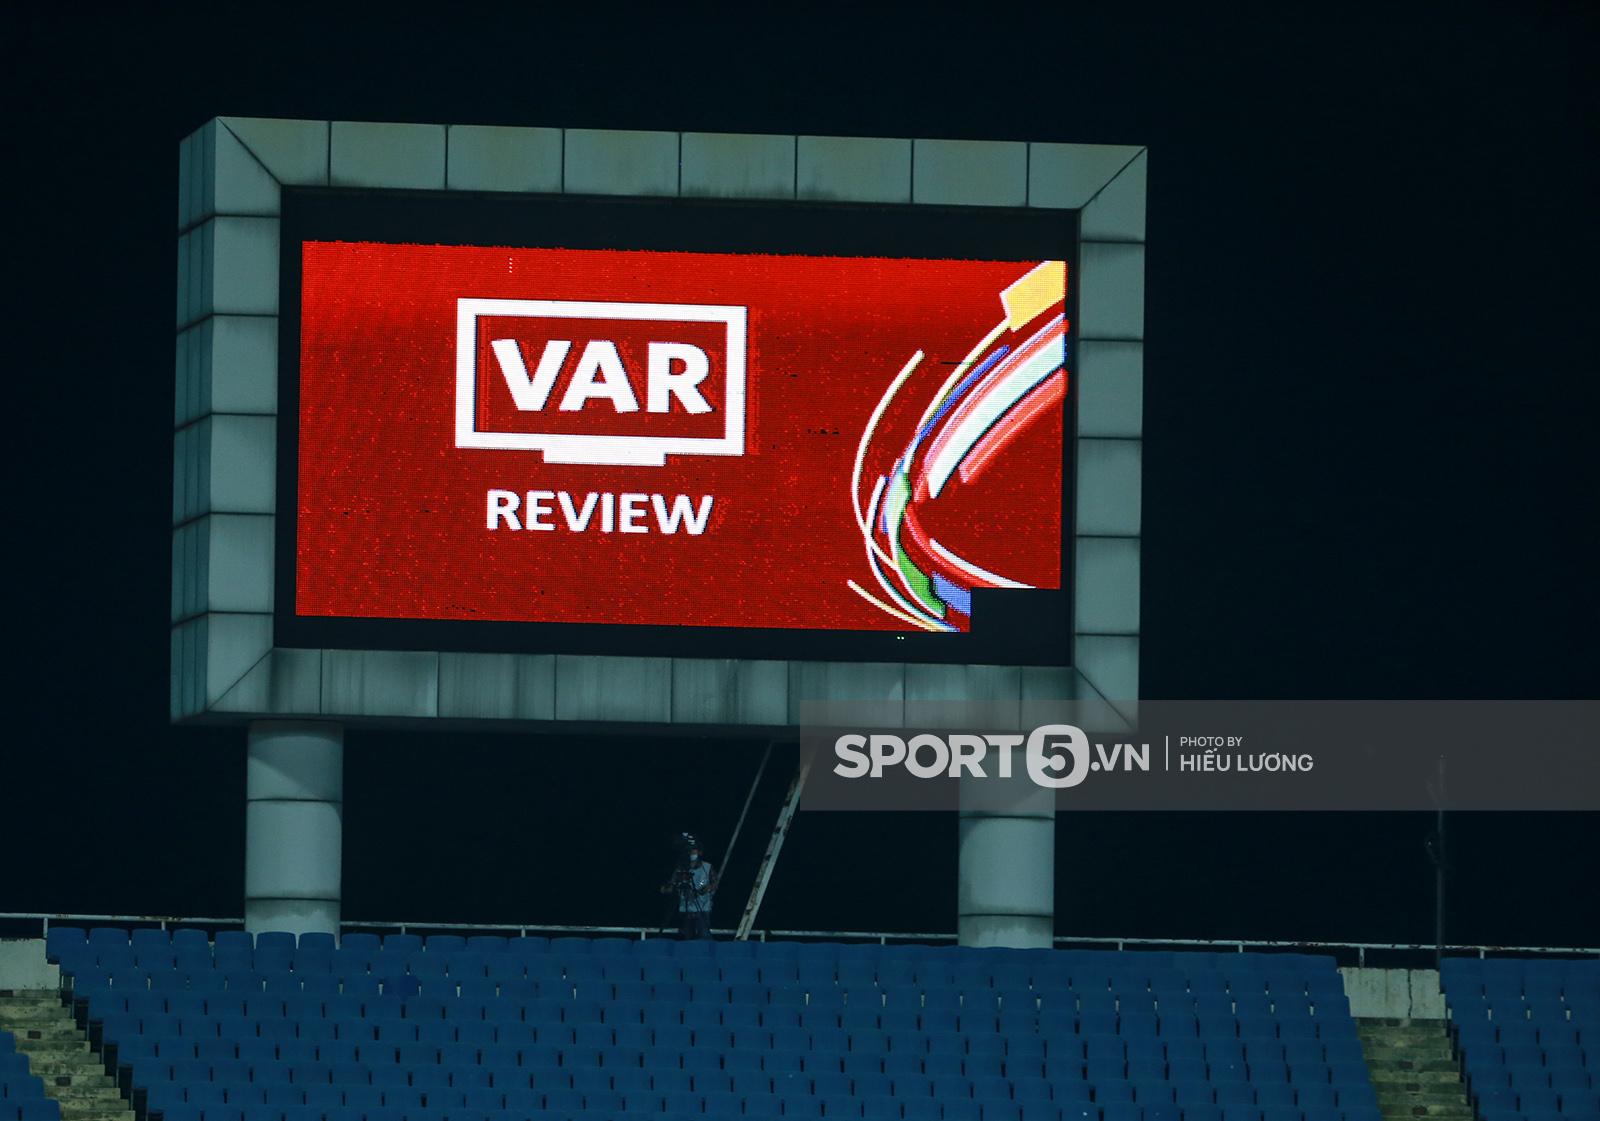 FIFA phản hồi thế nào khi tuyển Việt Nam khiếu nại về trọng tài trận gặp Australia? - Ảnh 2.